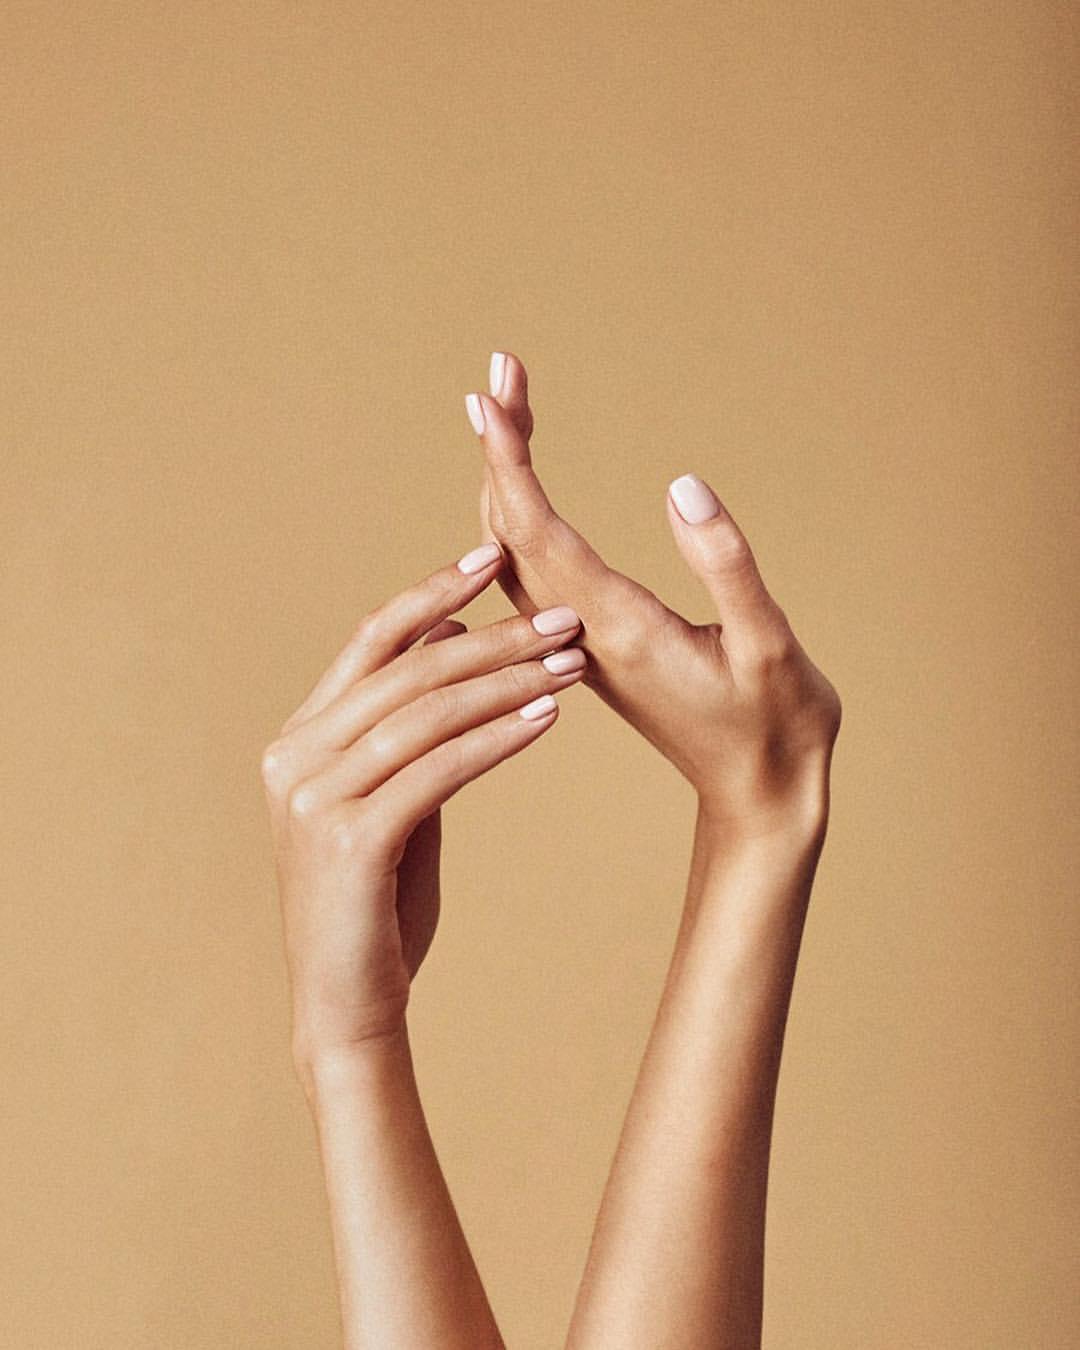 дополнительной картинка с женскими руками особый вид ежиков